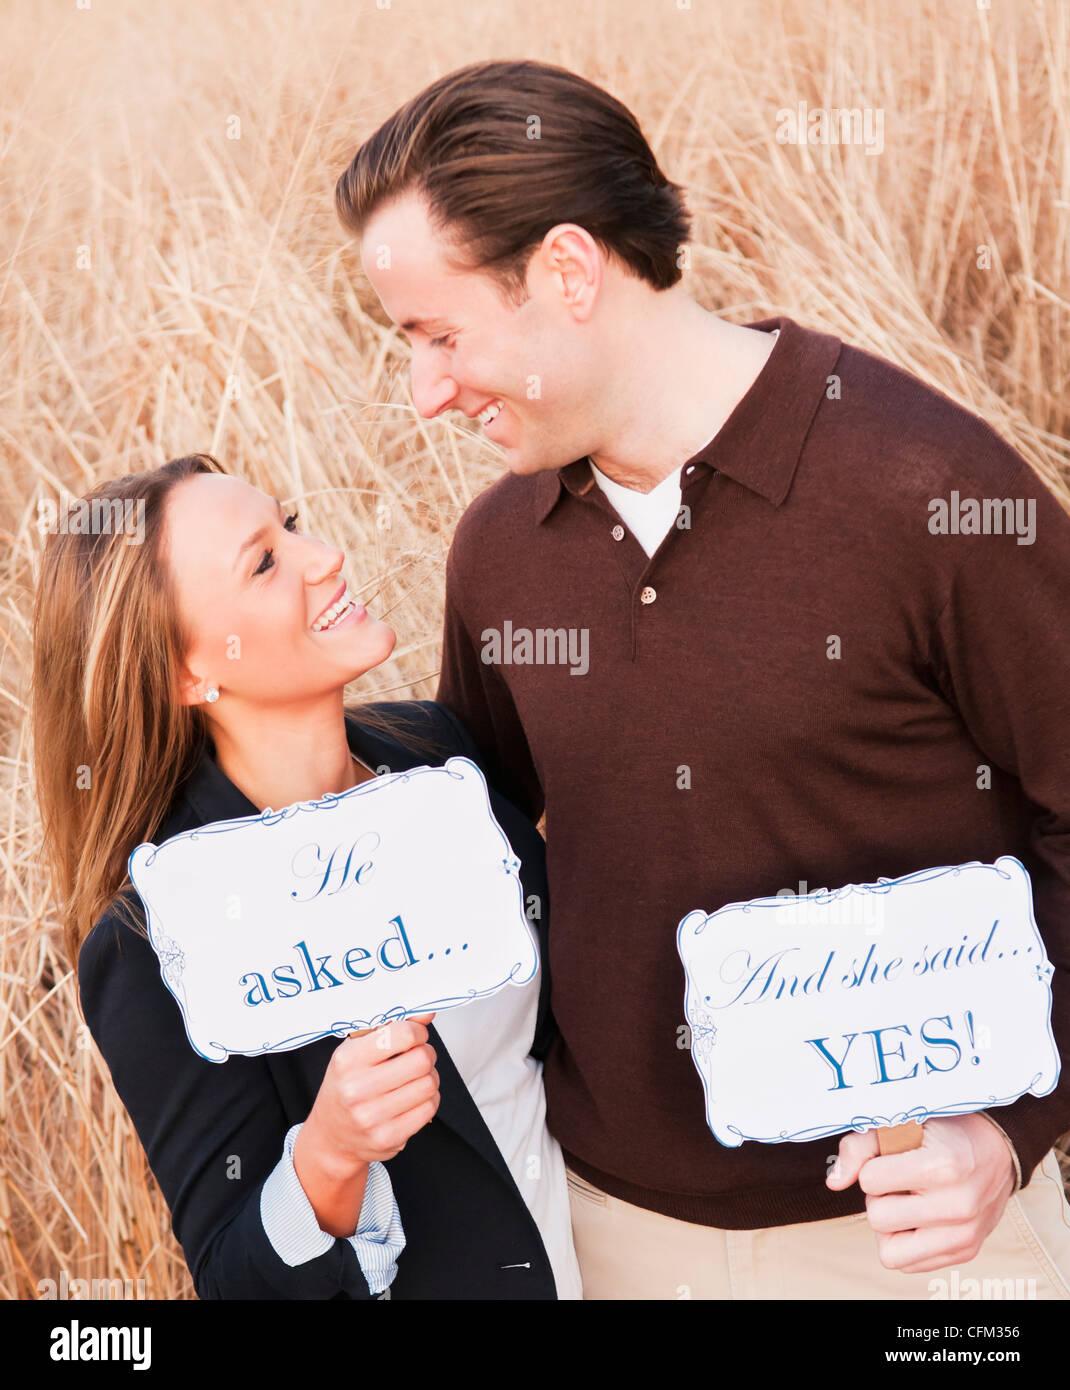 Los Estados Unidos, Nueva York, Long Island City, pareja joven coquetear en campo de trigo Imagen De Stock